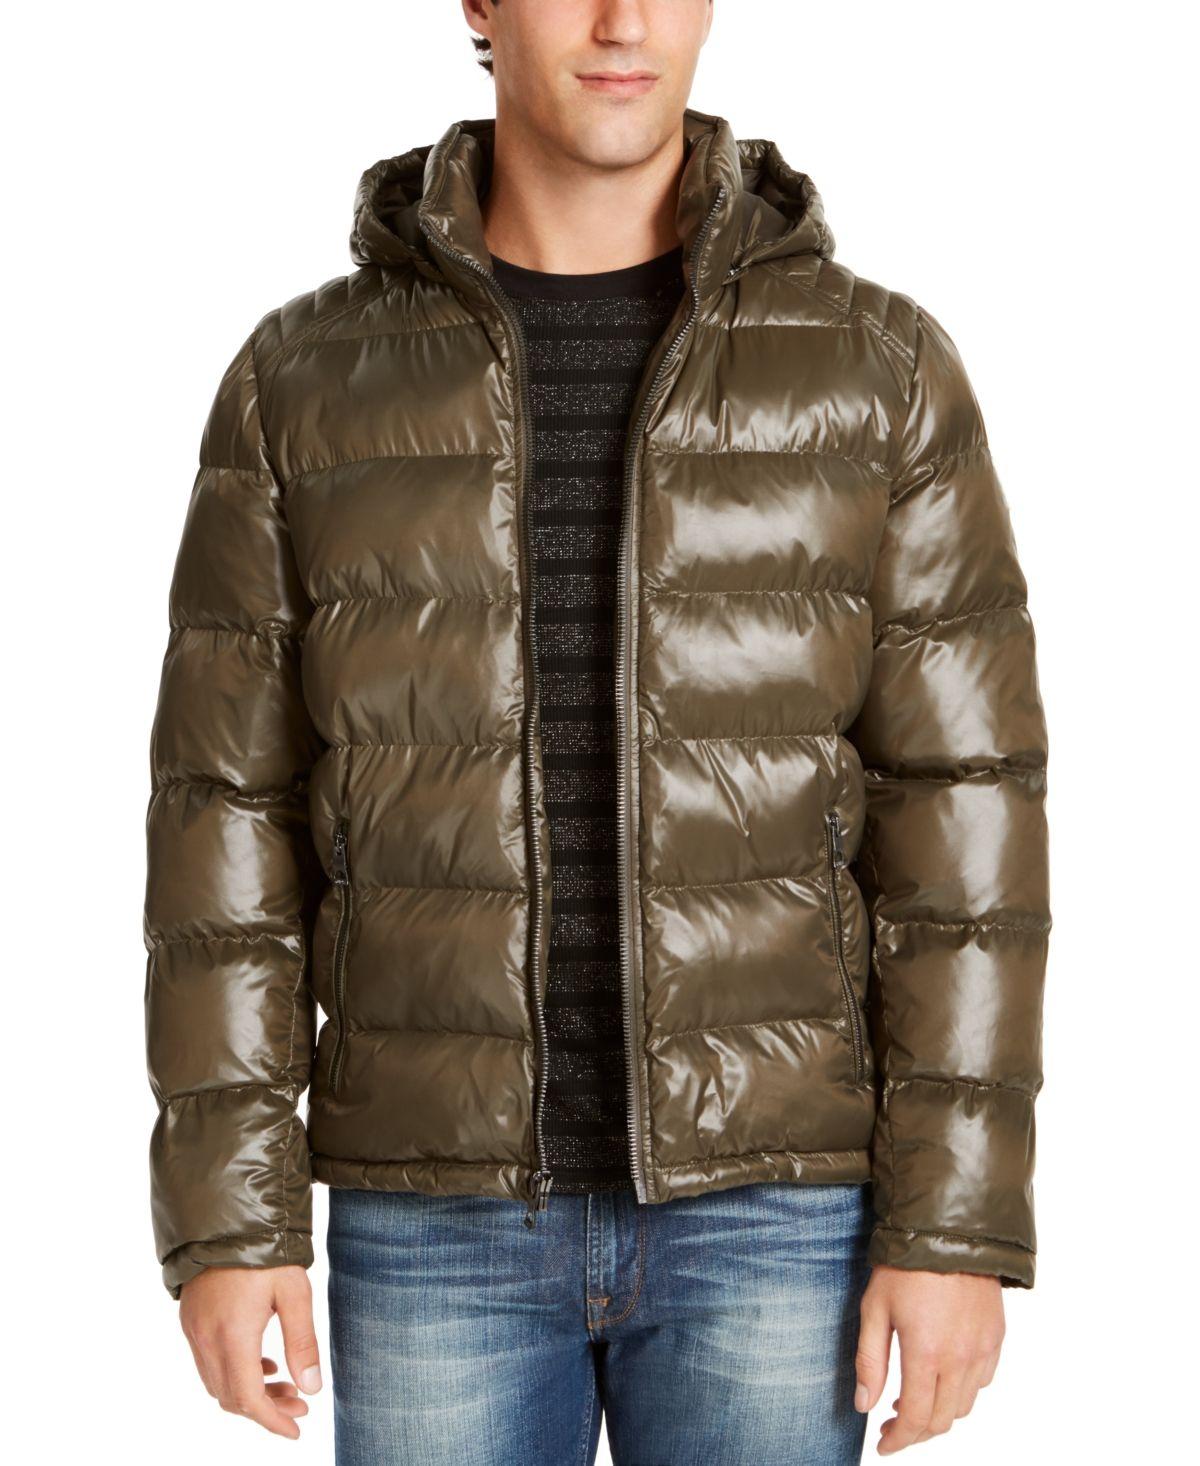 Guess Men S Hooded Puffer Coat Reviews Coats Jackets Men Macy S In 2021 Mens Hooded Guess Men Puffer Coat [ 1466 x 1200 Pixel ]